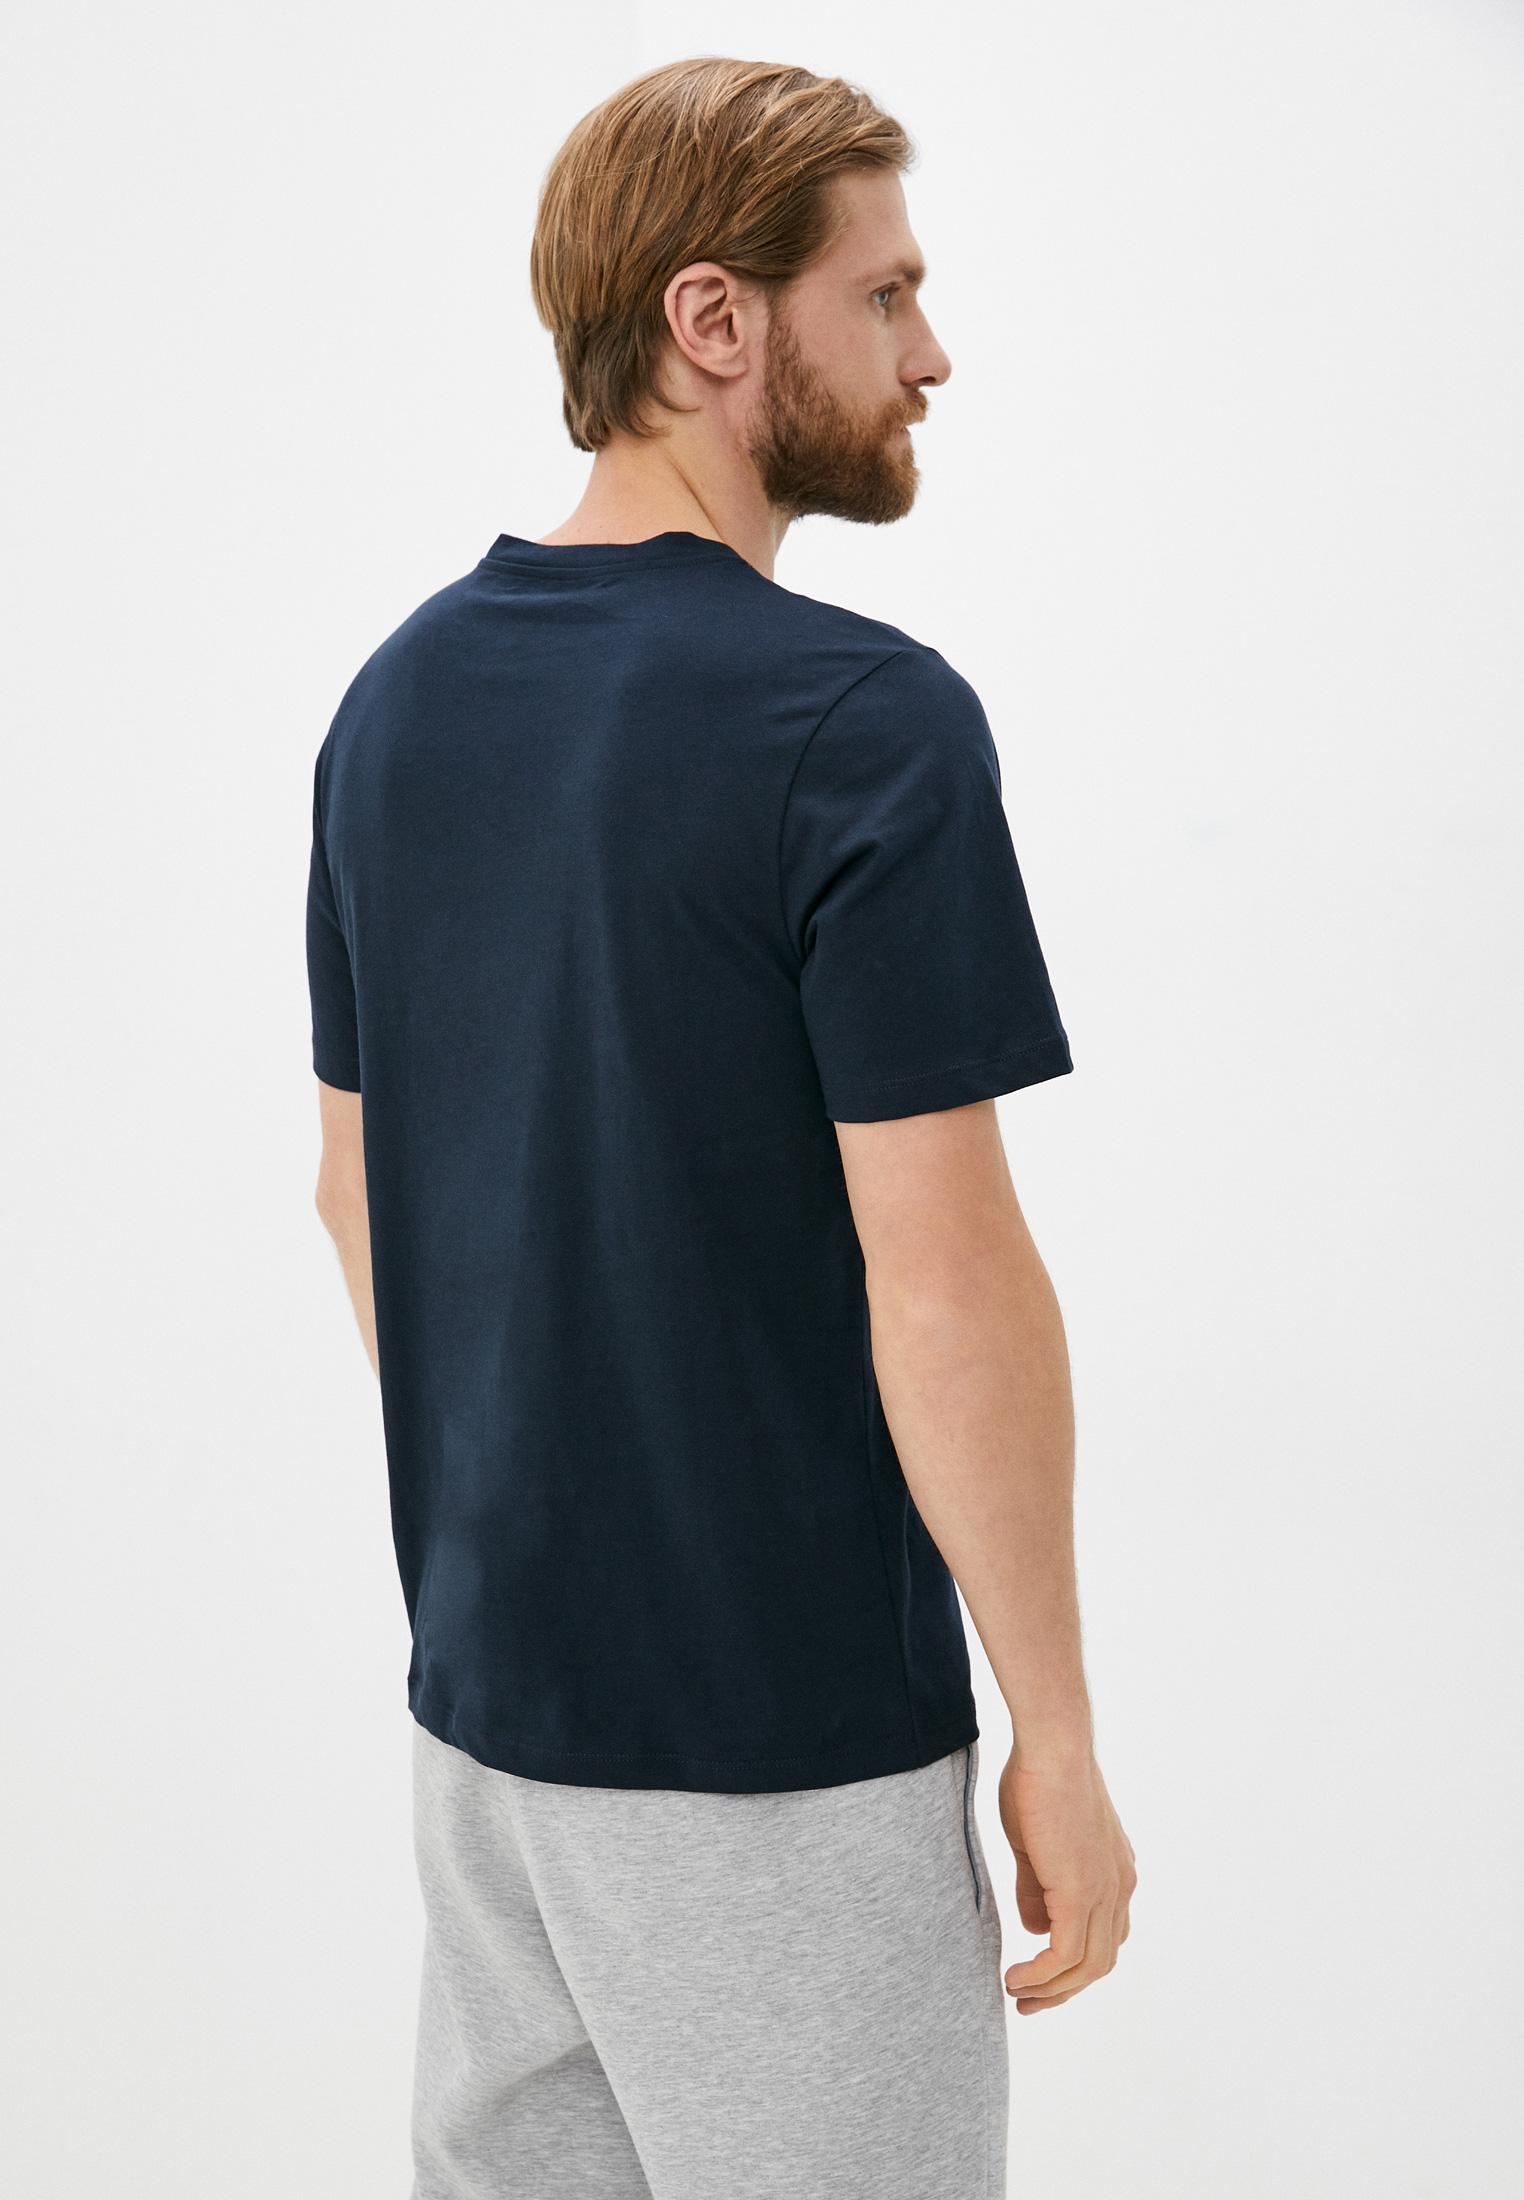 Мужская футболка Baldinini (Балдинини) TS08: изображение 4